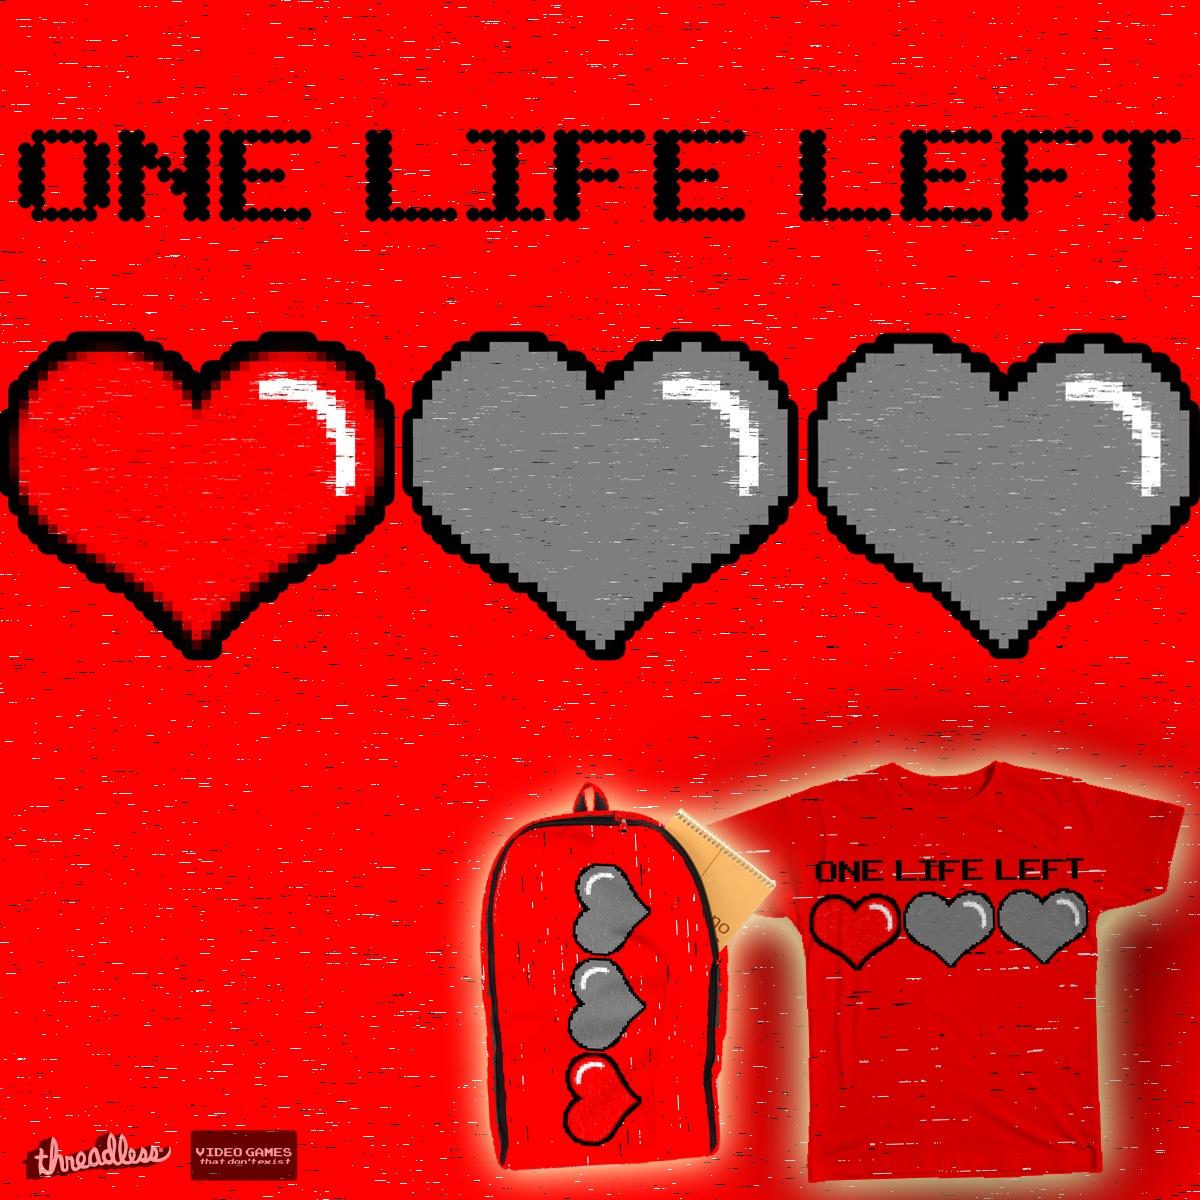 One Life Left. by hannahvdc on Threadless